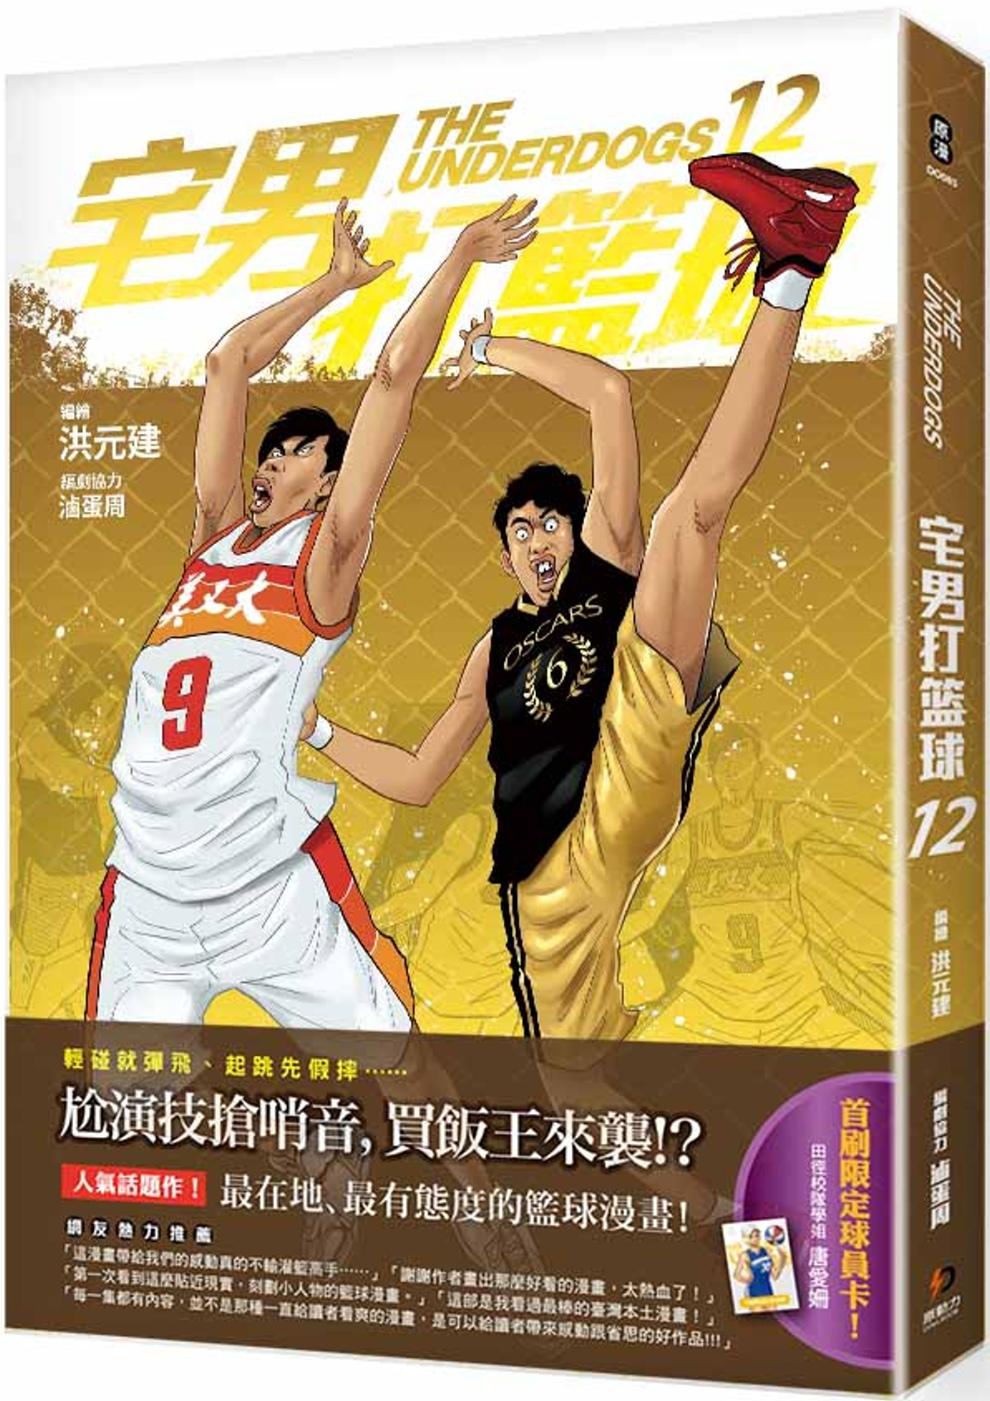 宅男打籃球 第十二集